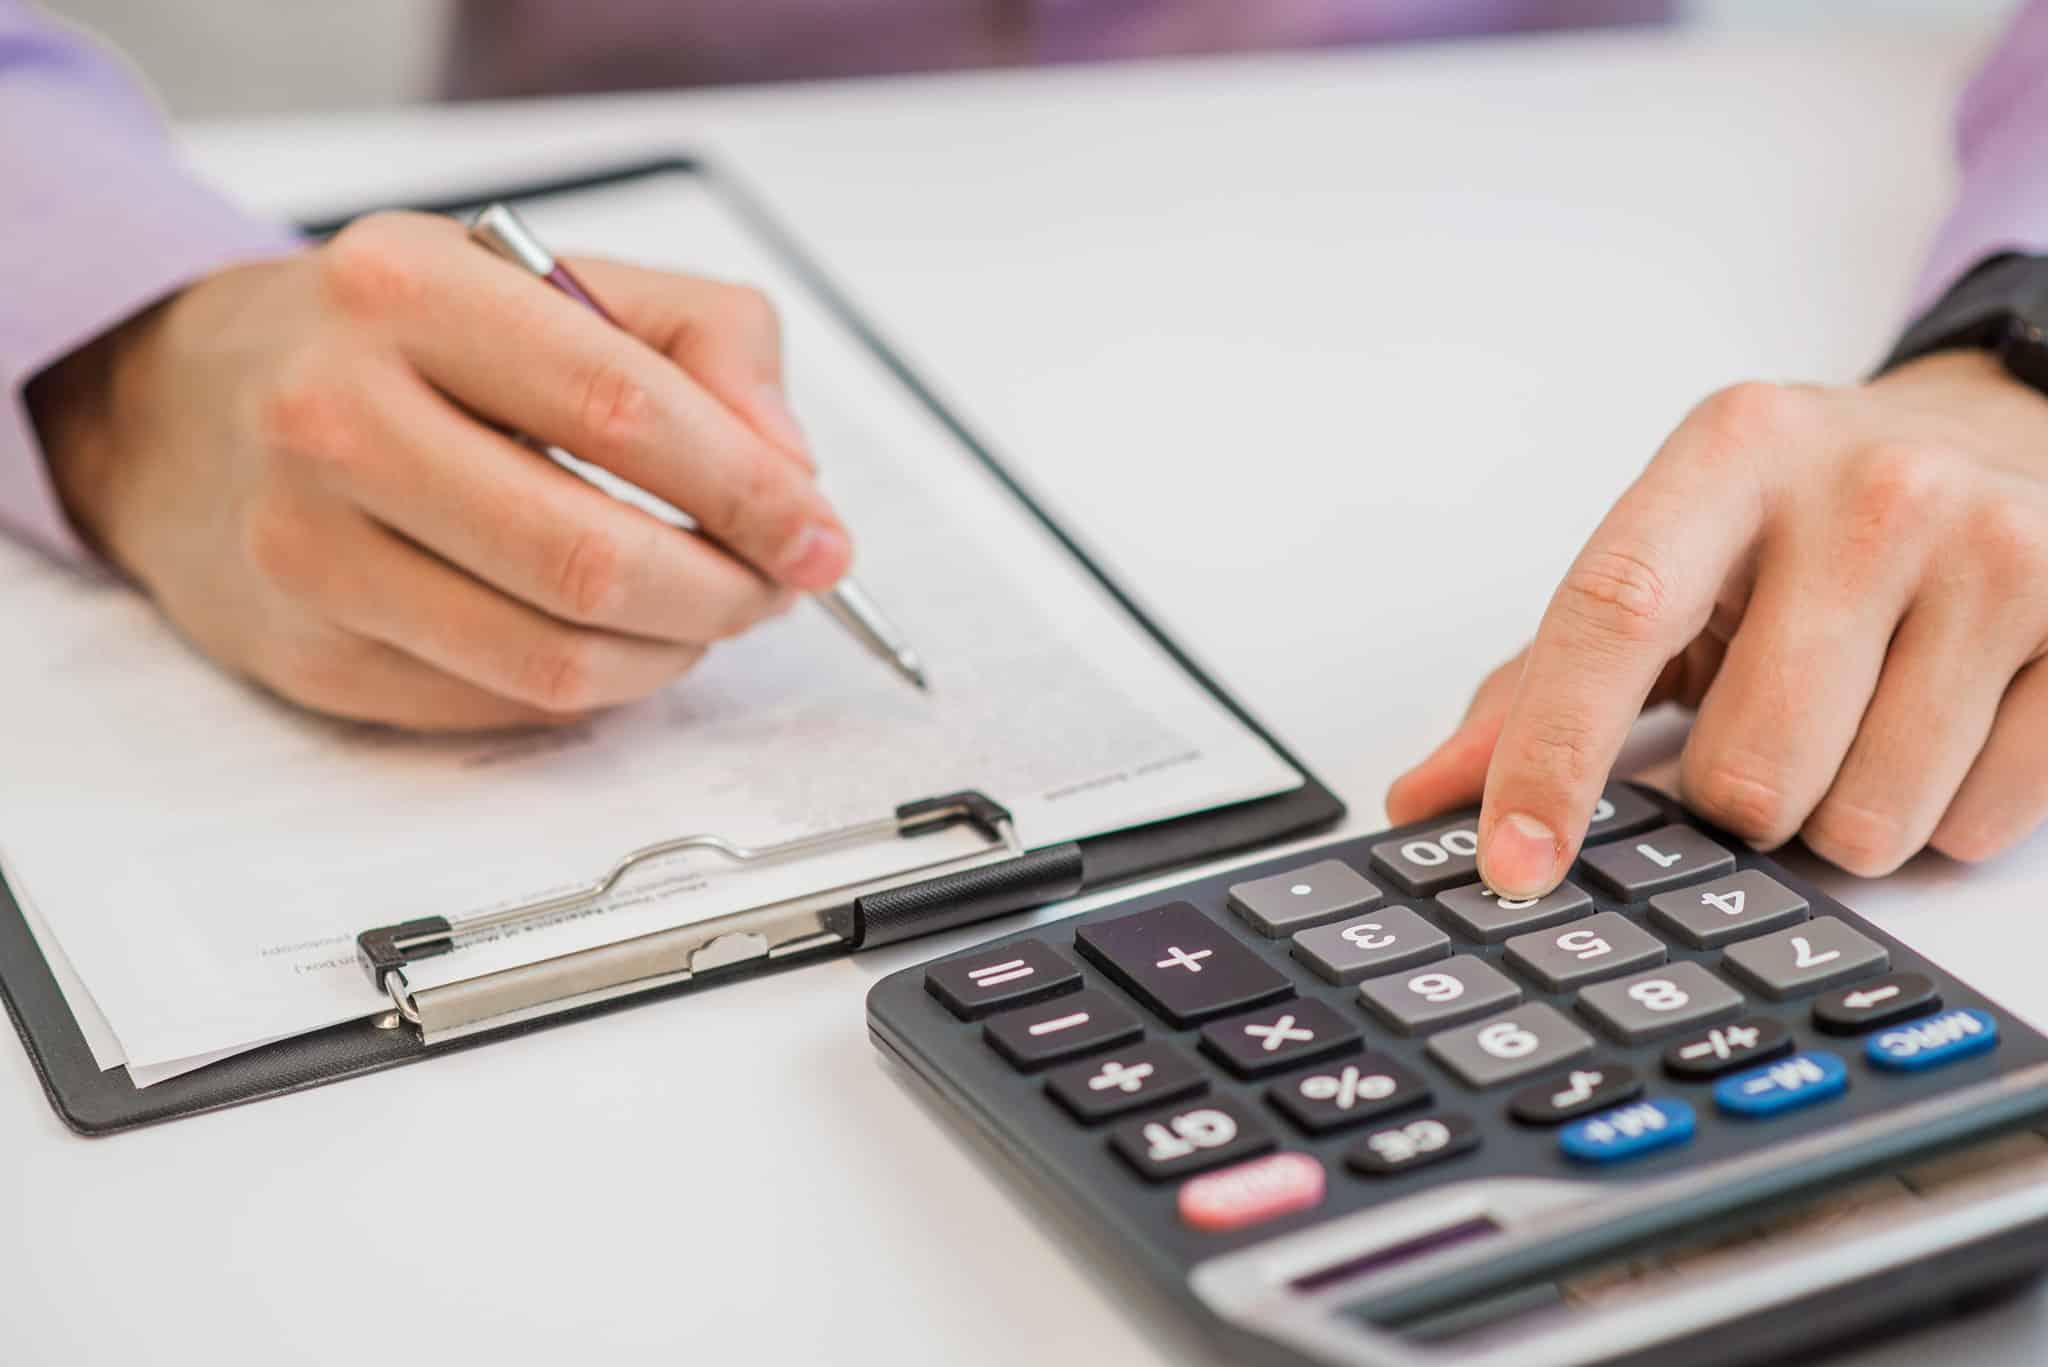 Kalkulationen mit Hilfe eines Taschenrechners